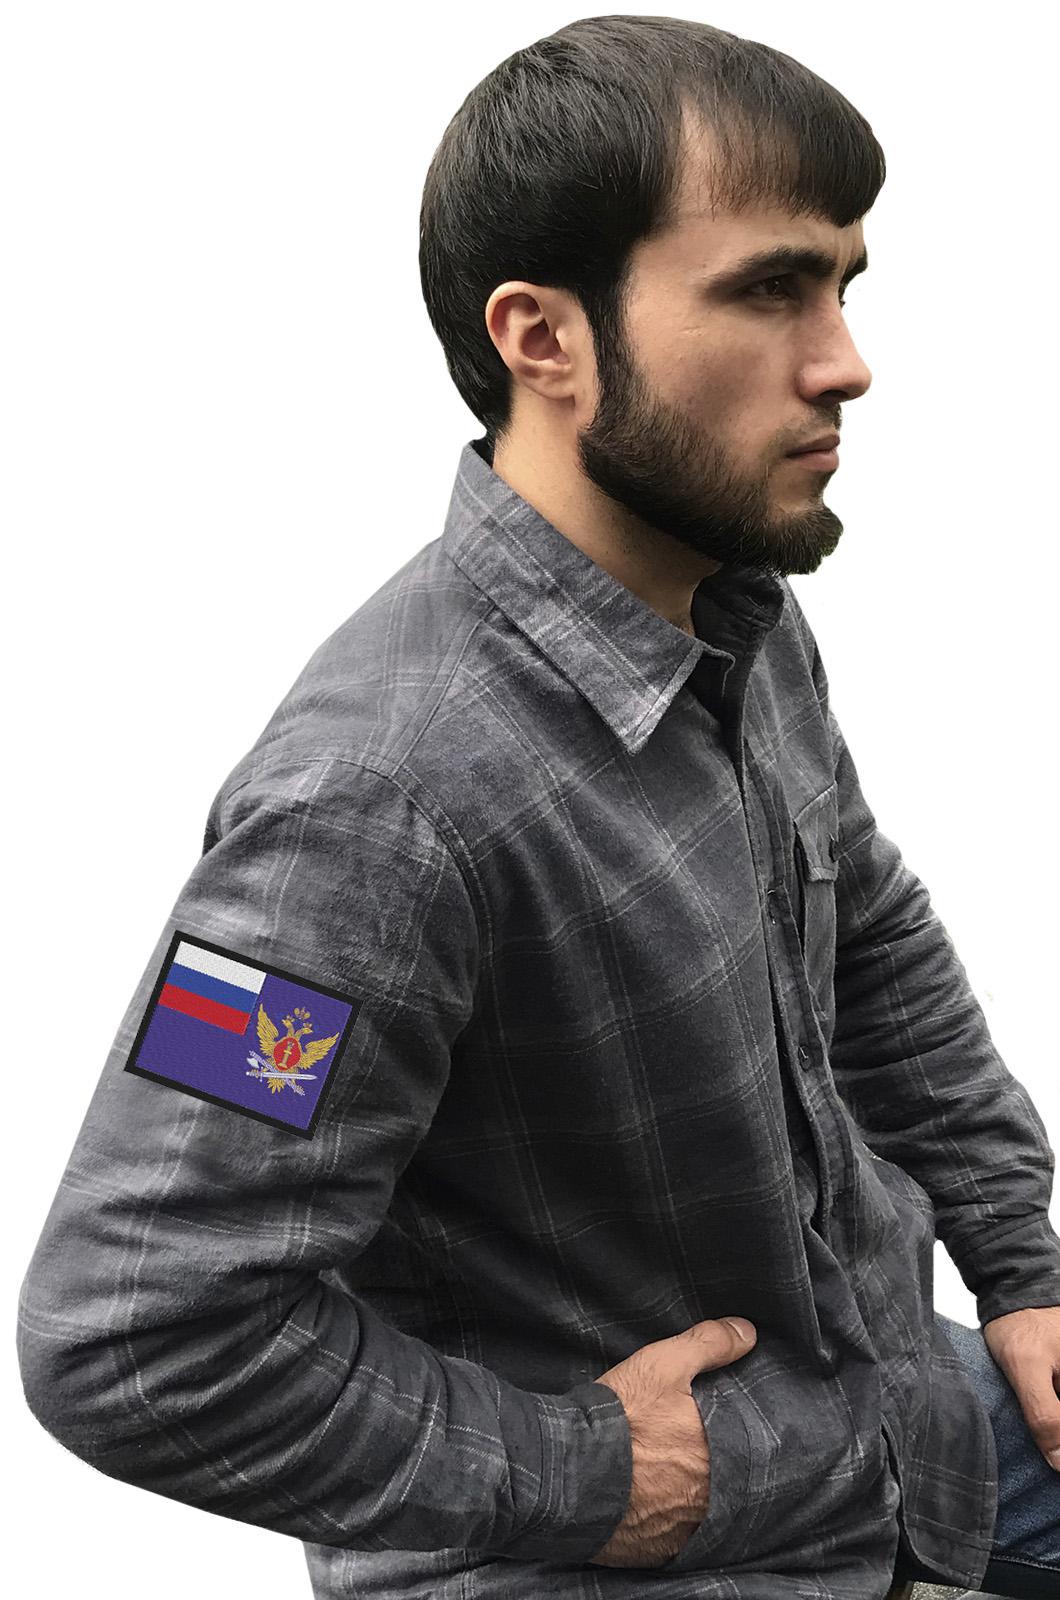 Надежная рубашка с вышитым шевроном ФСИН - купить в Военпро